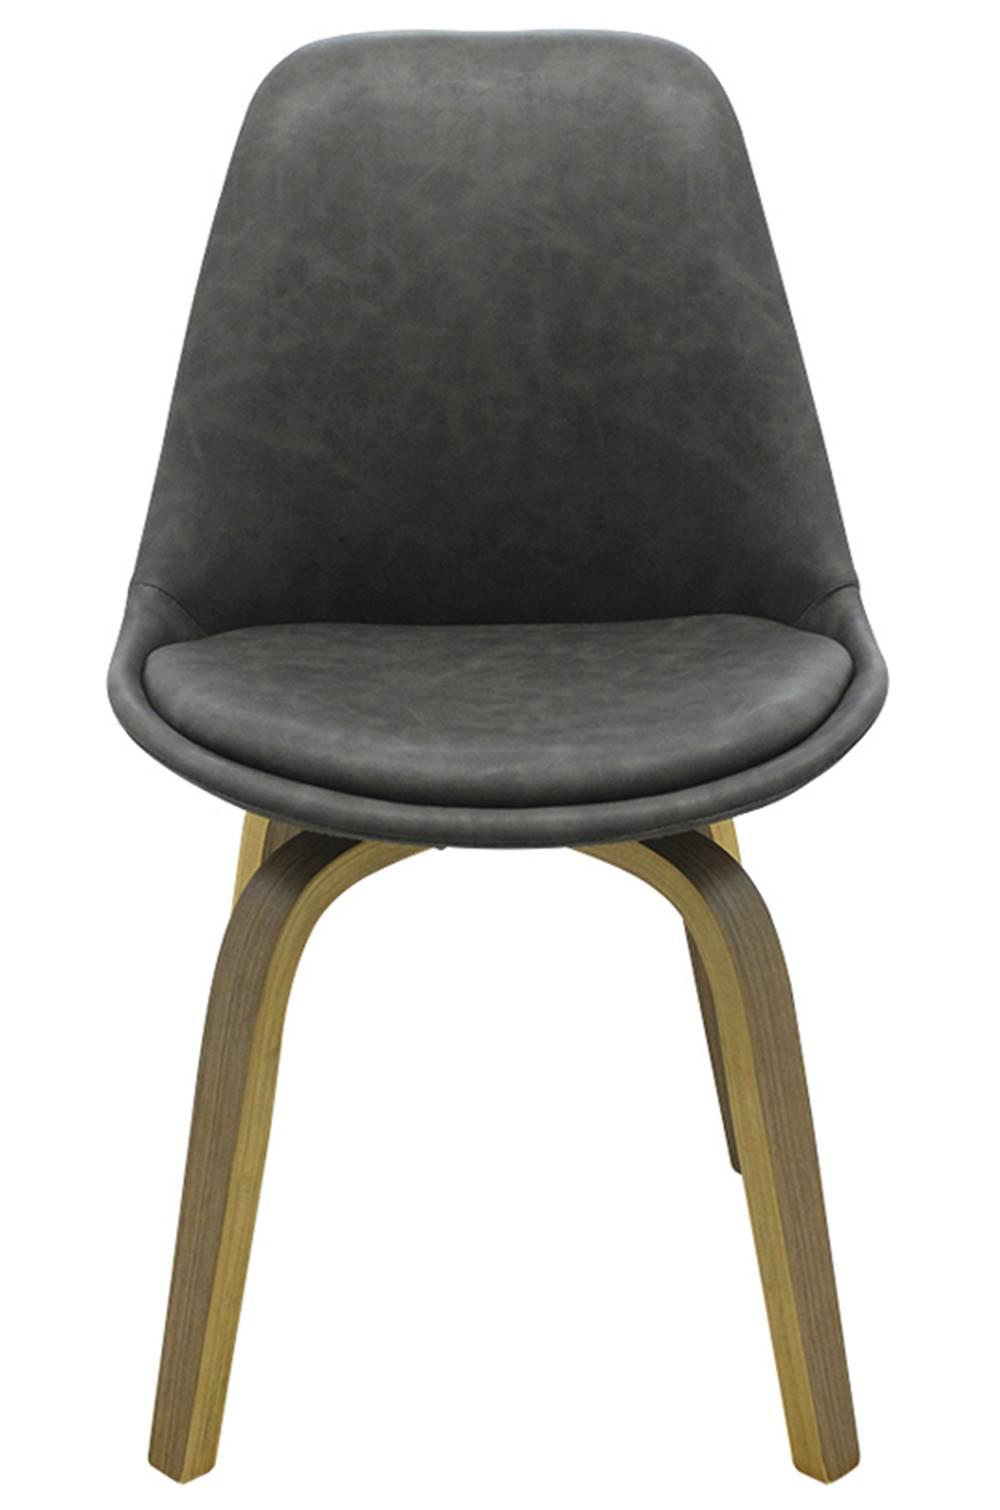 Cadeira Lis Eames Revestida PU Cinza Base Madeira Mescla - 53303